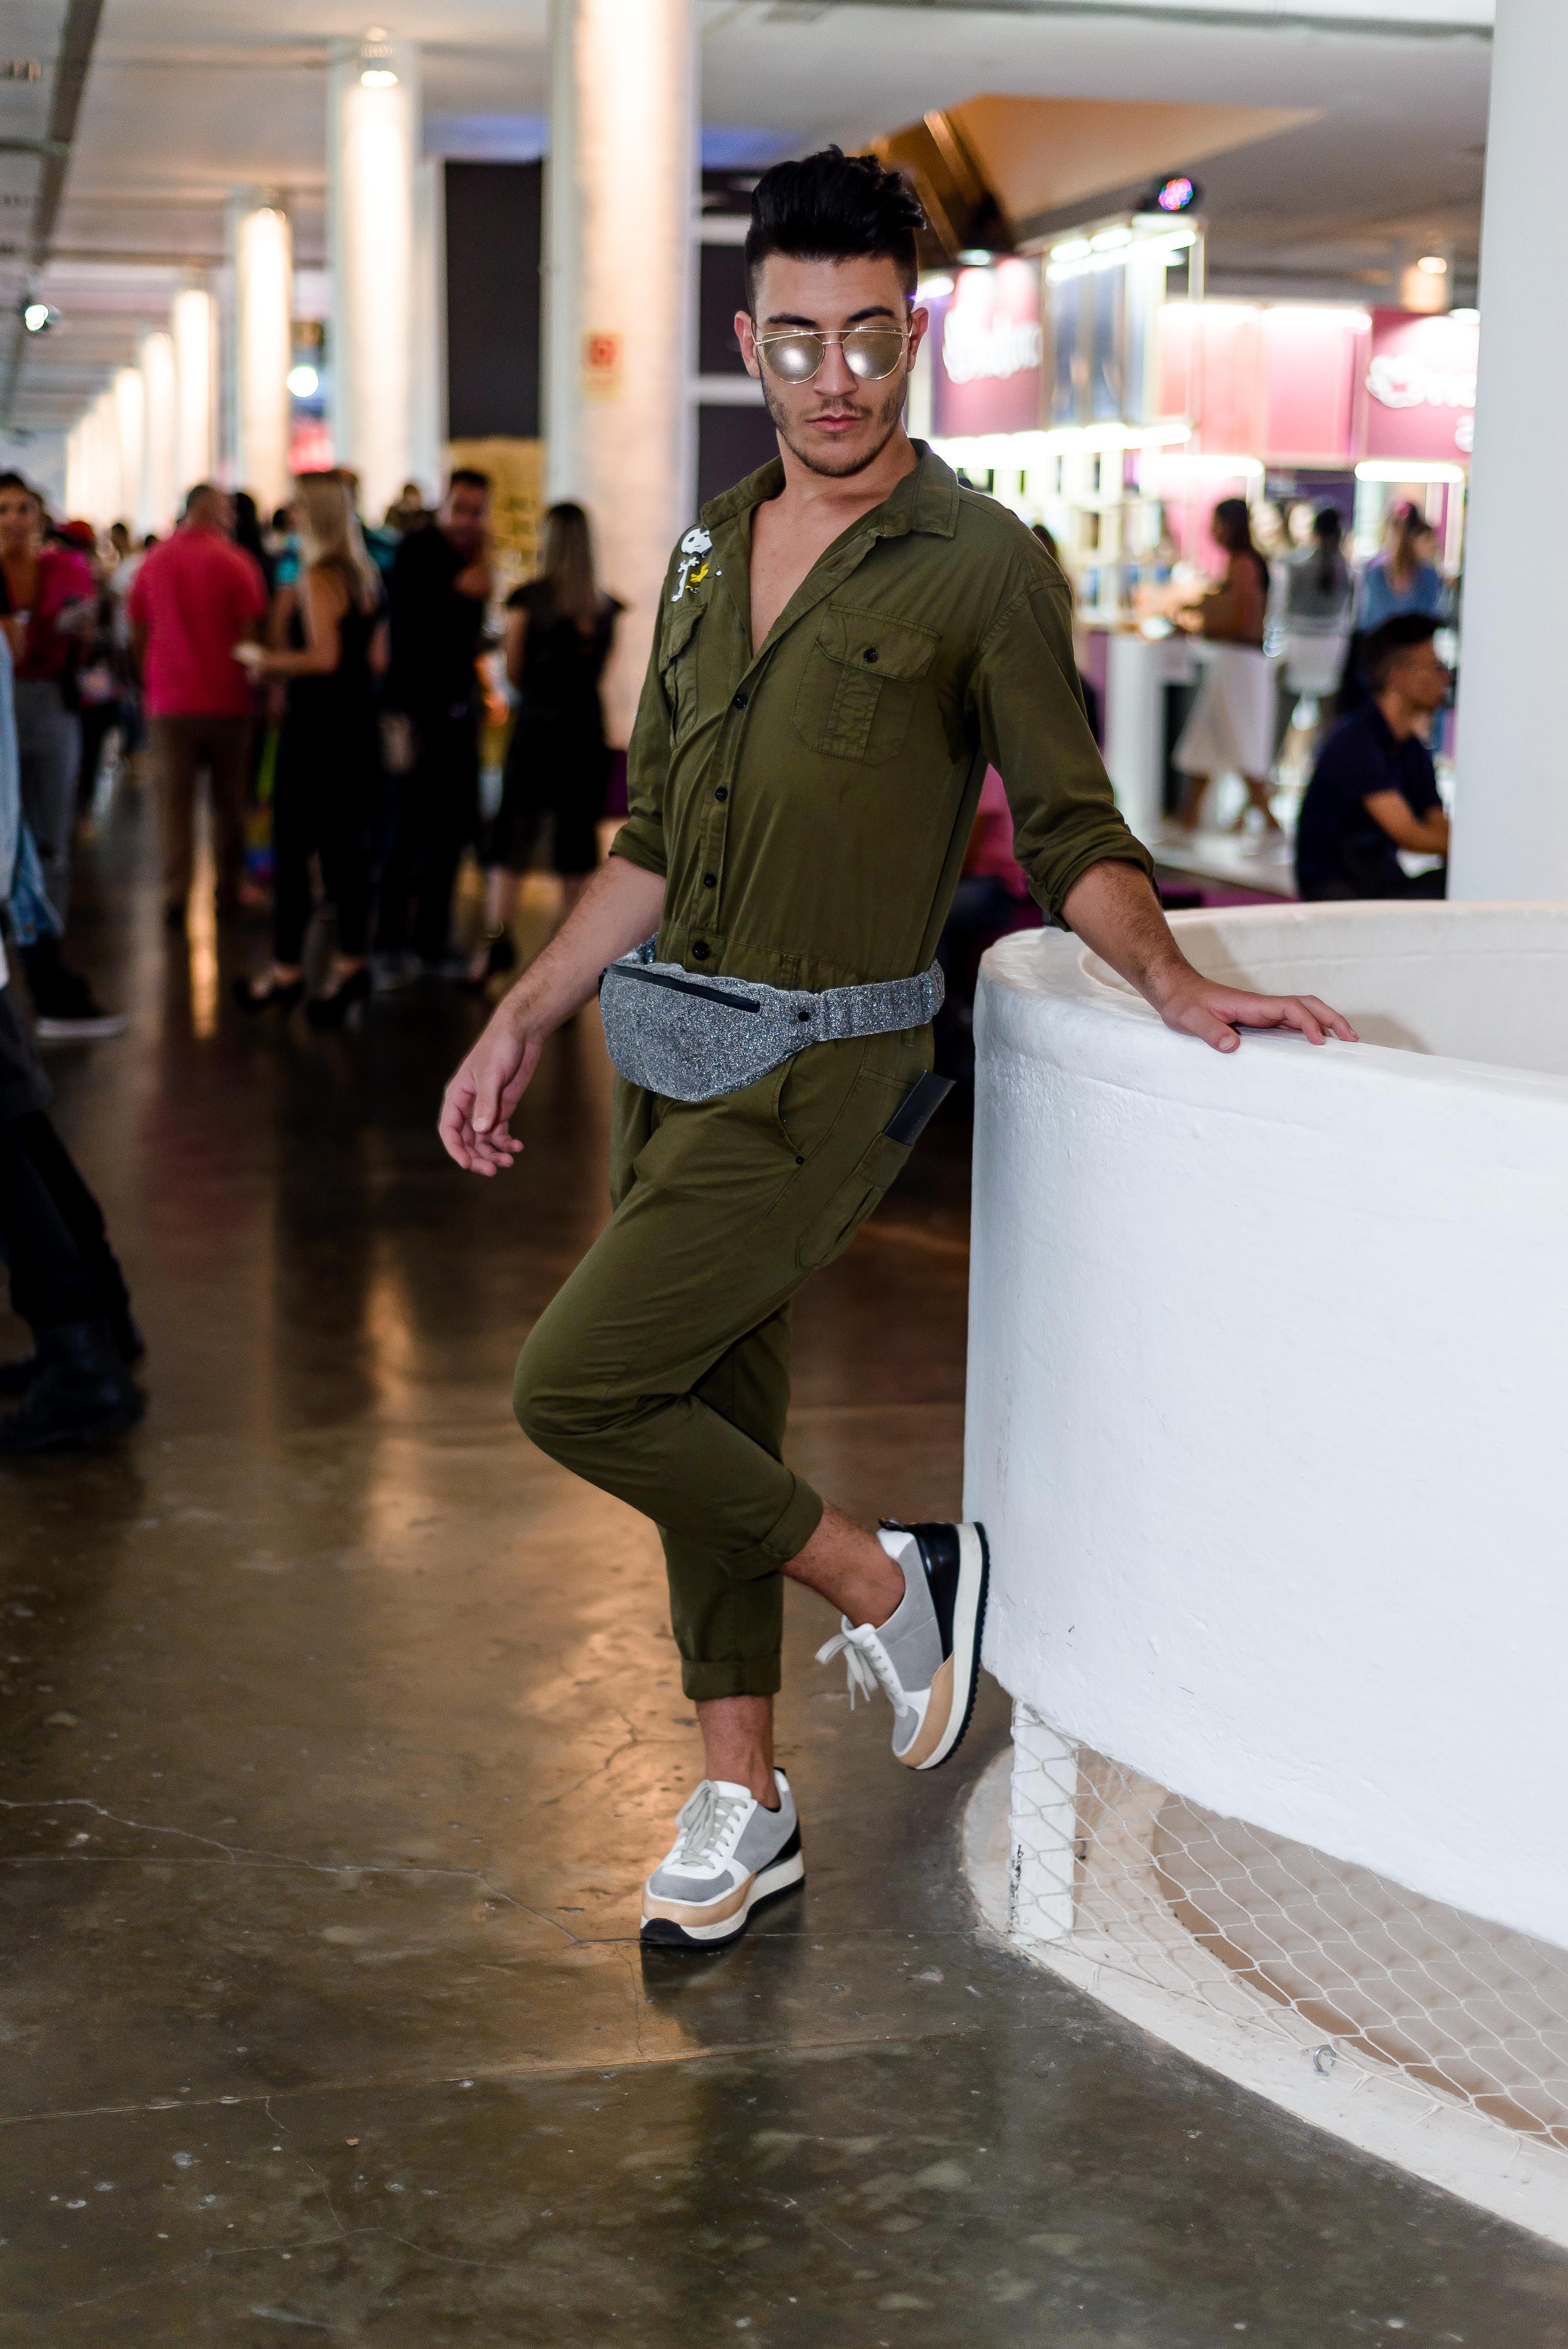 spfwn43-street-style-moda-masculina-estilo-masculino-style-fashion-moda-2017-moda-sem-censura-beleza-blog-de-moda-men-man-boy-estilo (1)